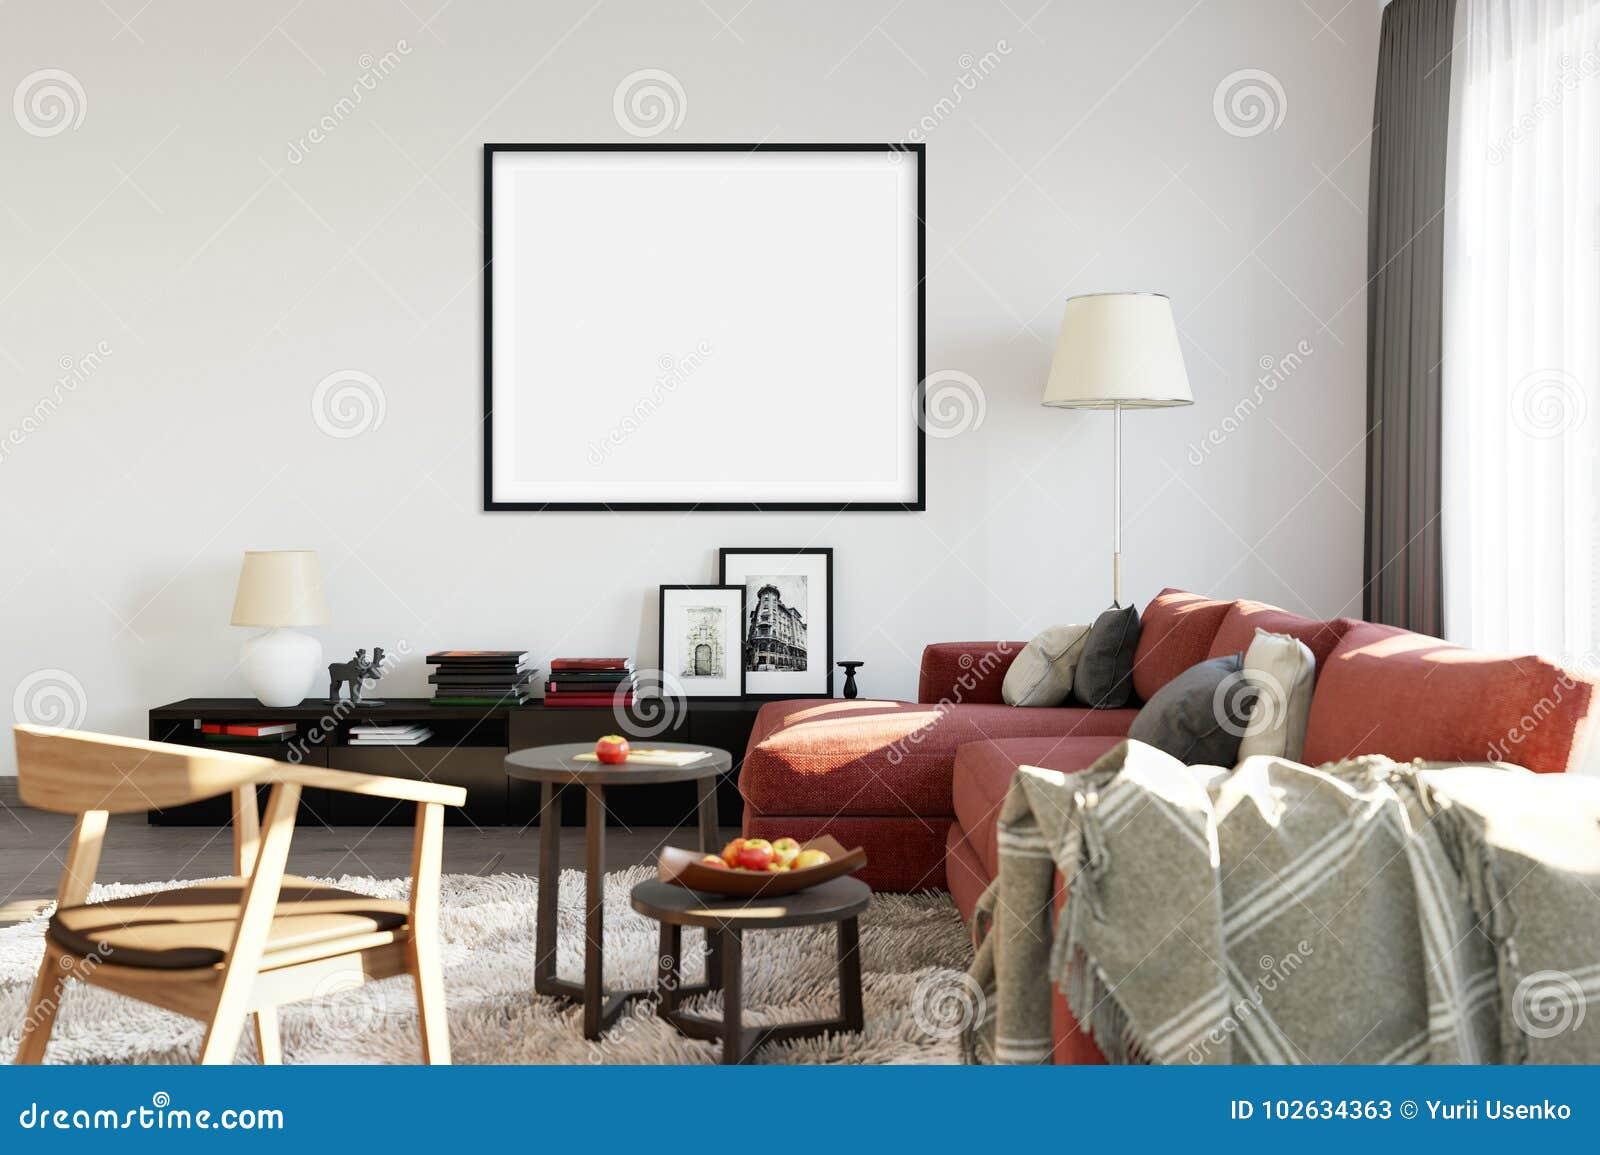 Mock Up Posters In Living Room Interior. Interior Scandinavian